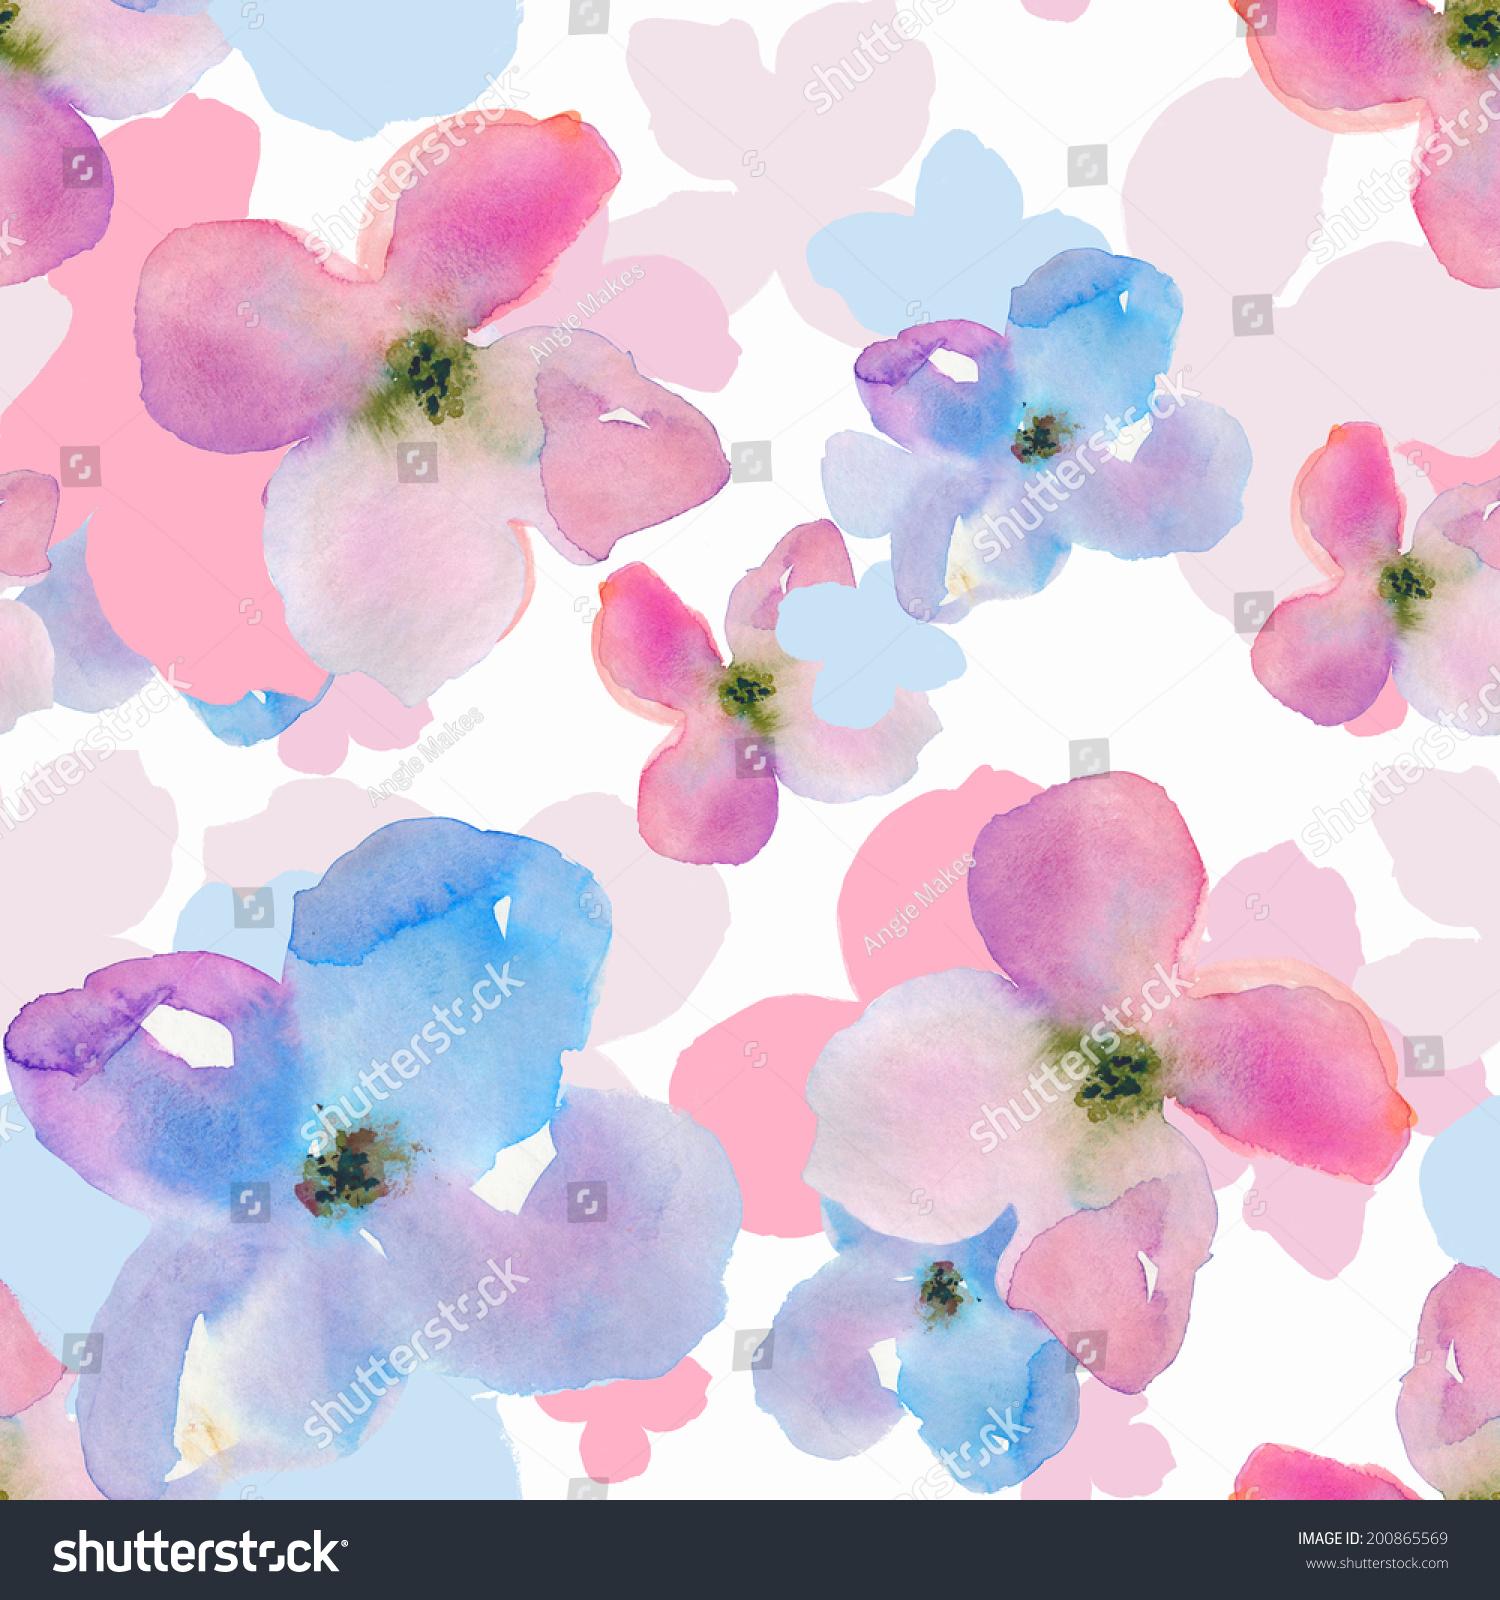 重复水彩花朵图案.现代水彩花卉背景模式.-背景/素材